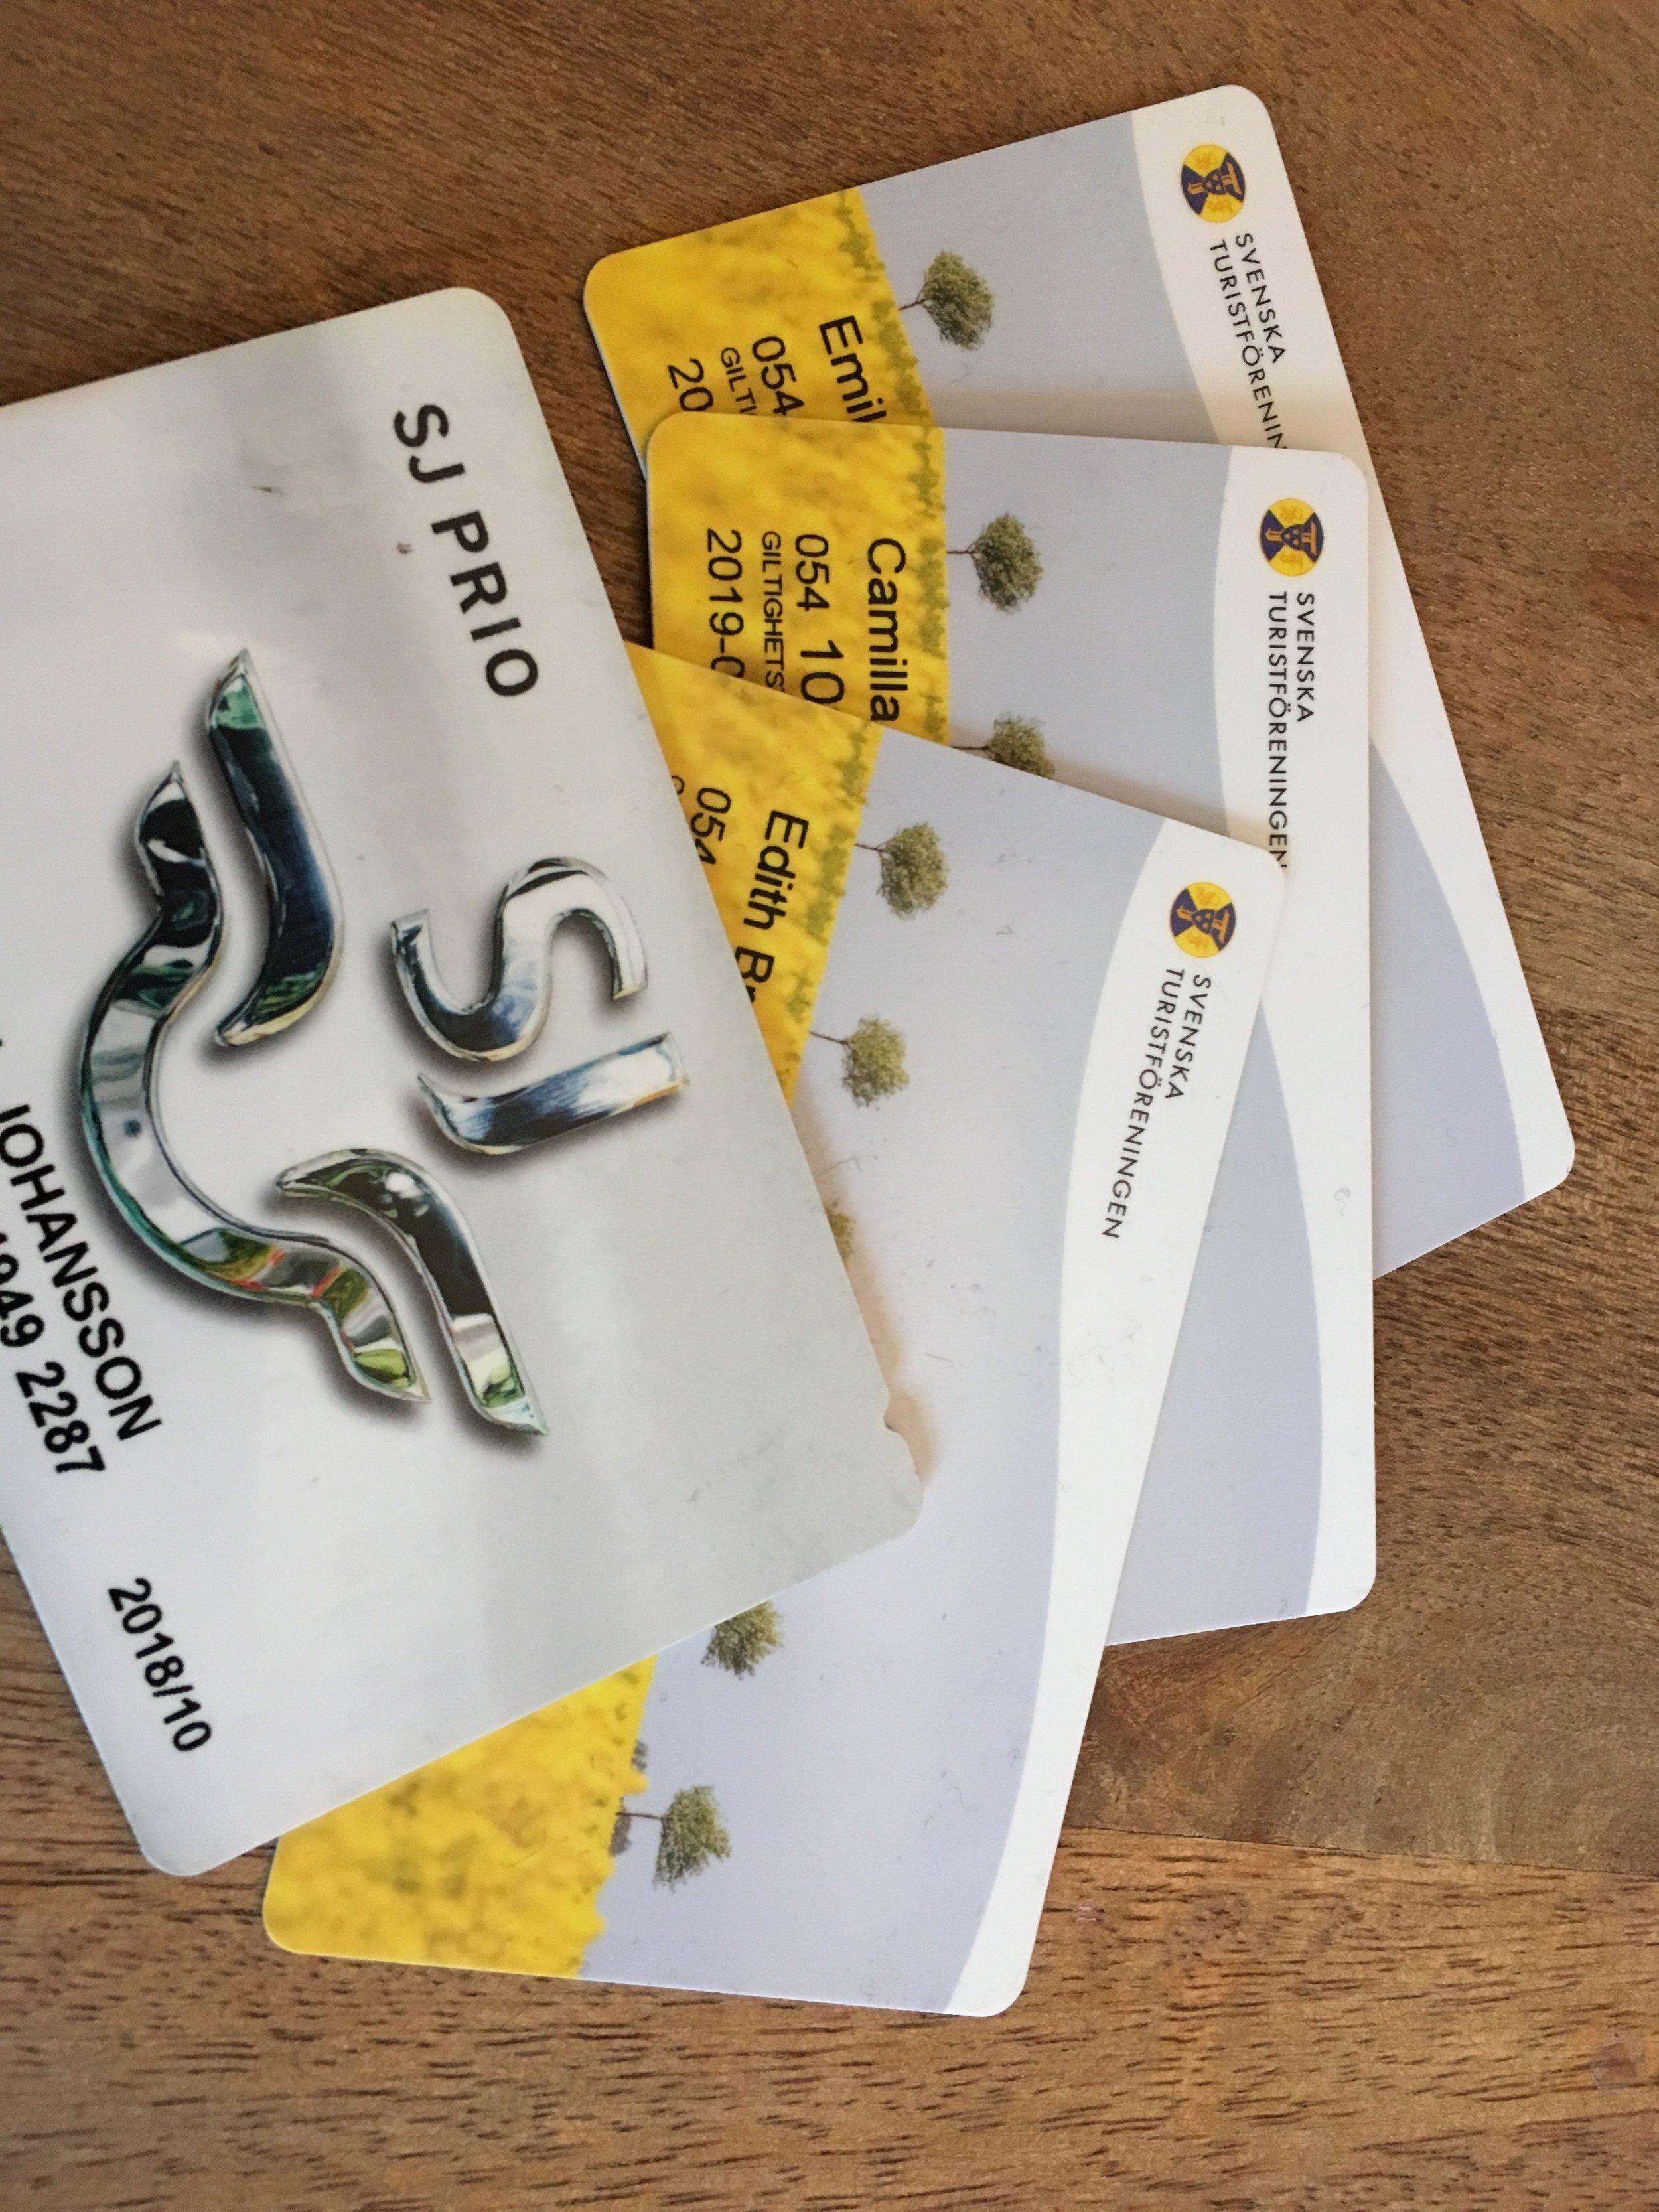 Som medlem i Svenska Turistföreningen (familjemedlemskap, 450:-) får man 10% rabatt på de flesta SJ-resor!